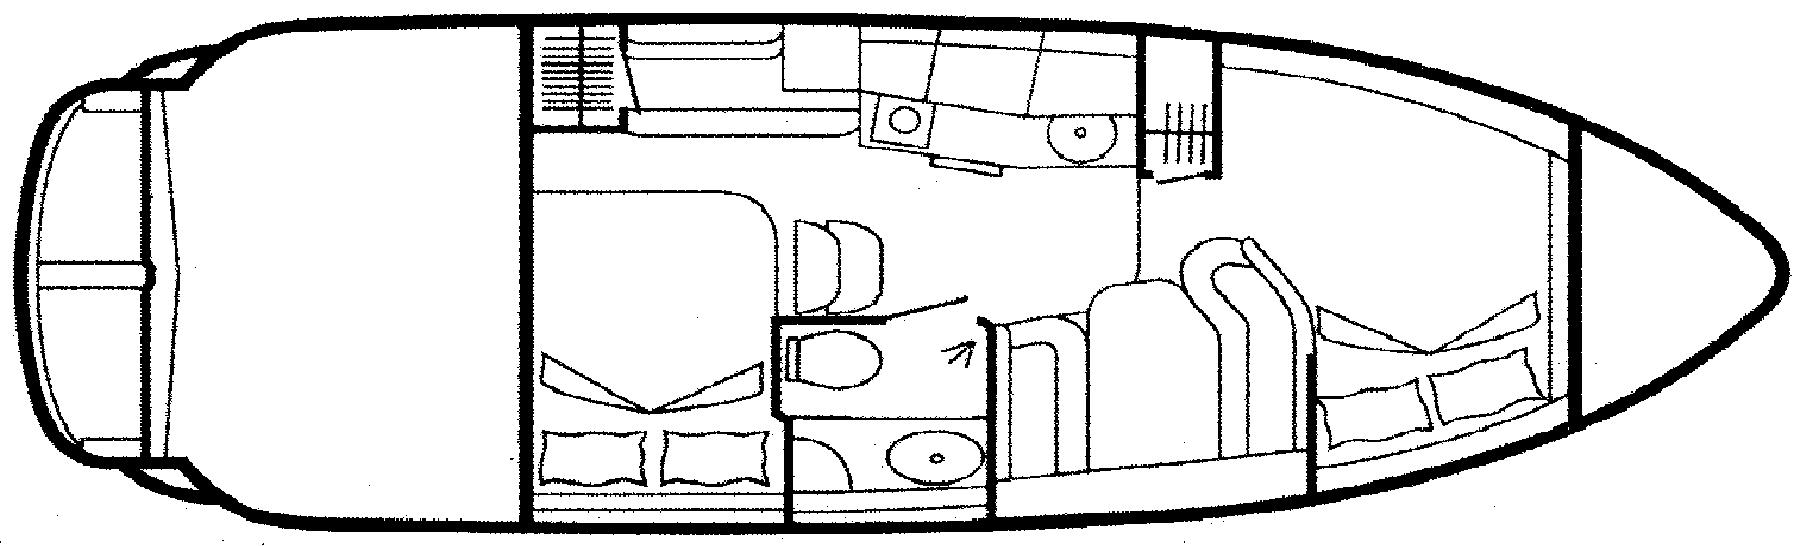 300-310 Express Floor Plan 2